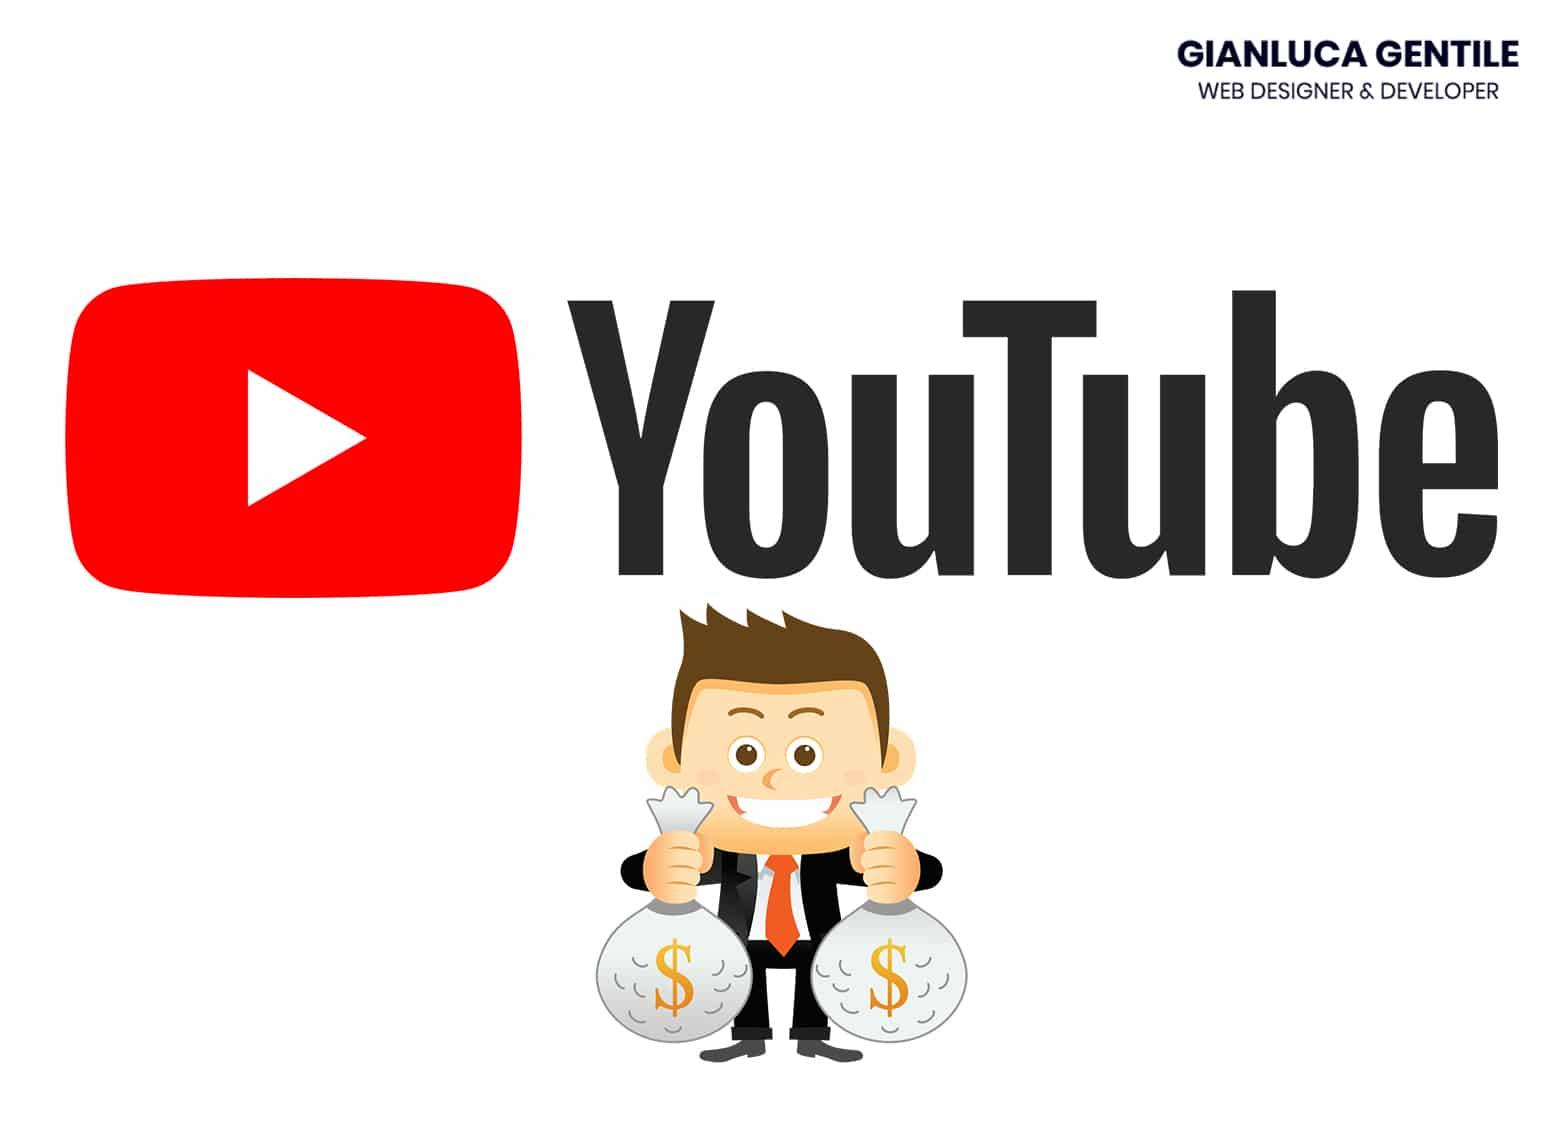 come guadagnare con youtube - Come guadagnare con Youtube Gianluca Gentile - Come guadagnare con Youtube